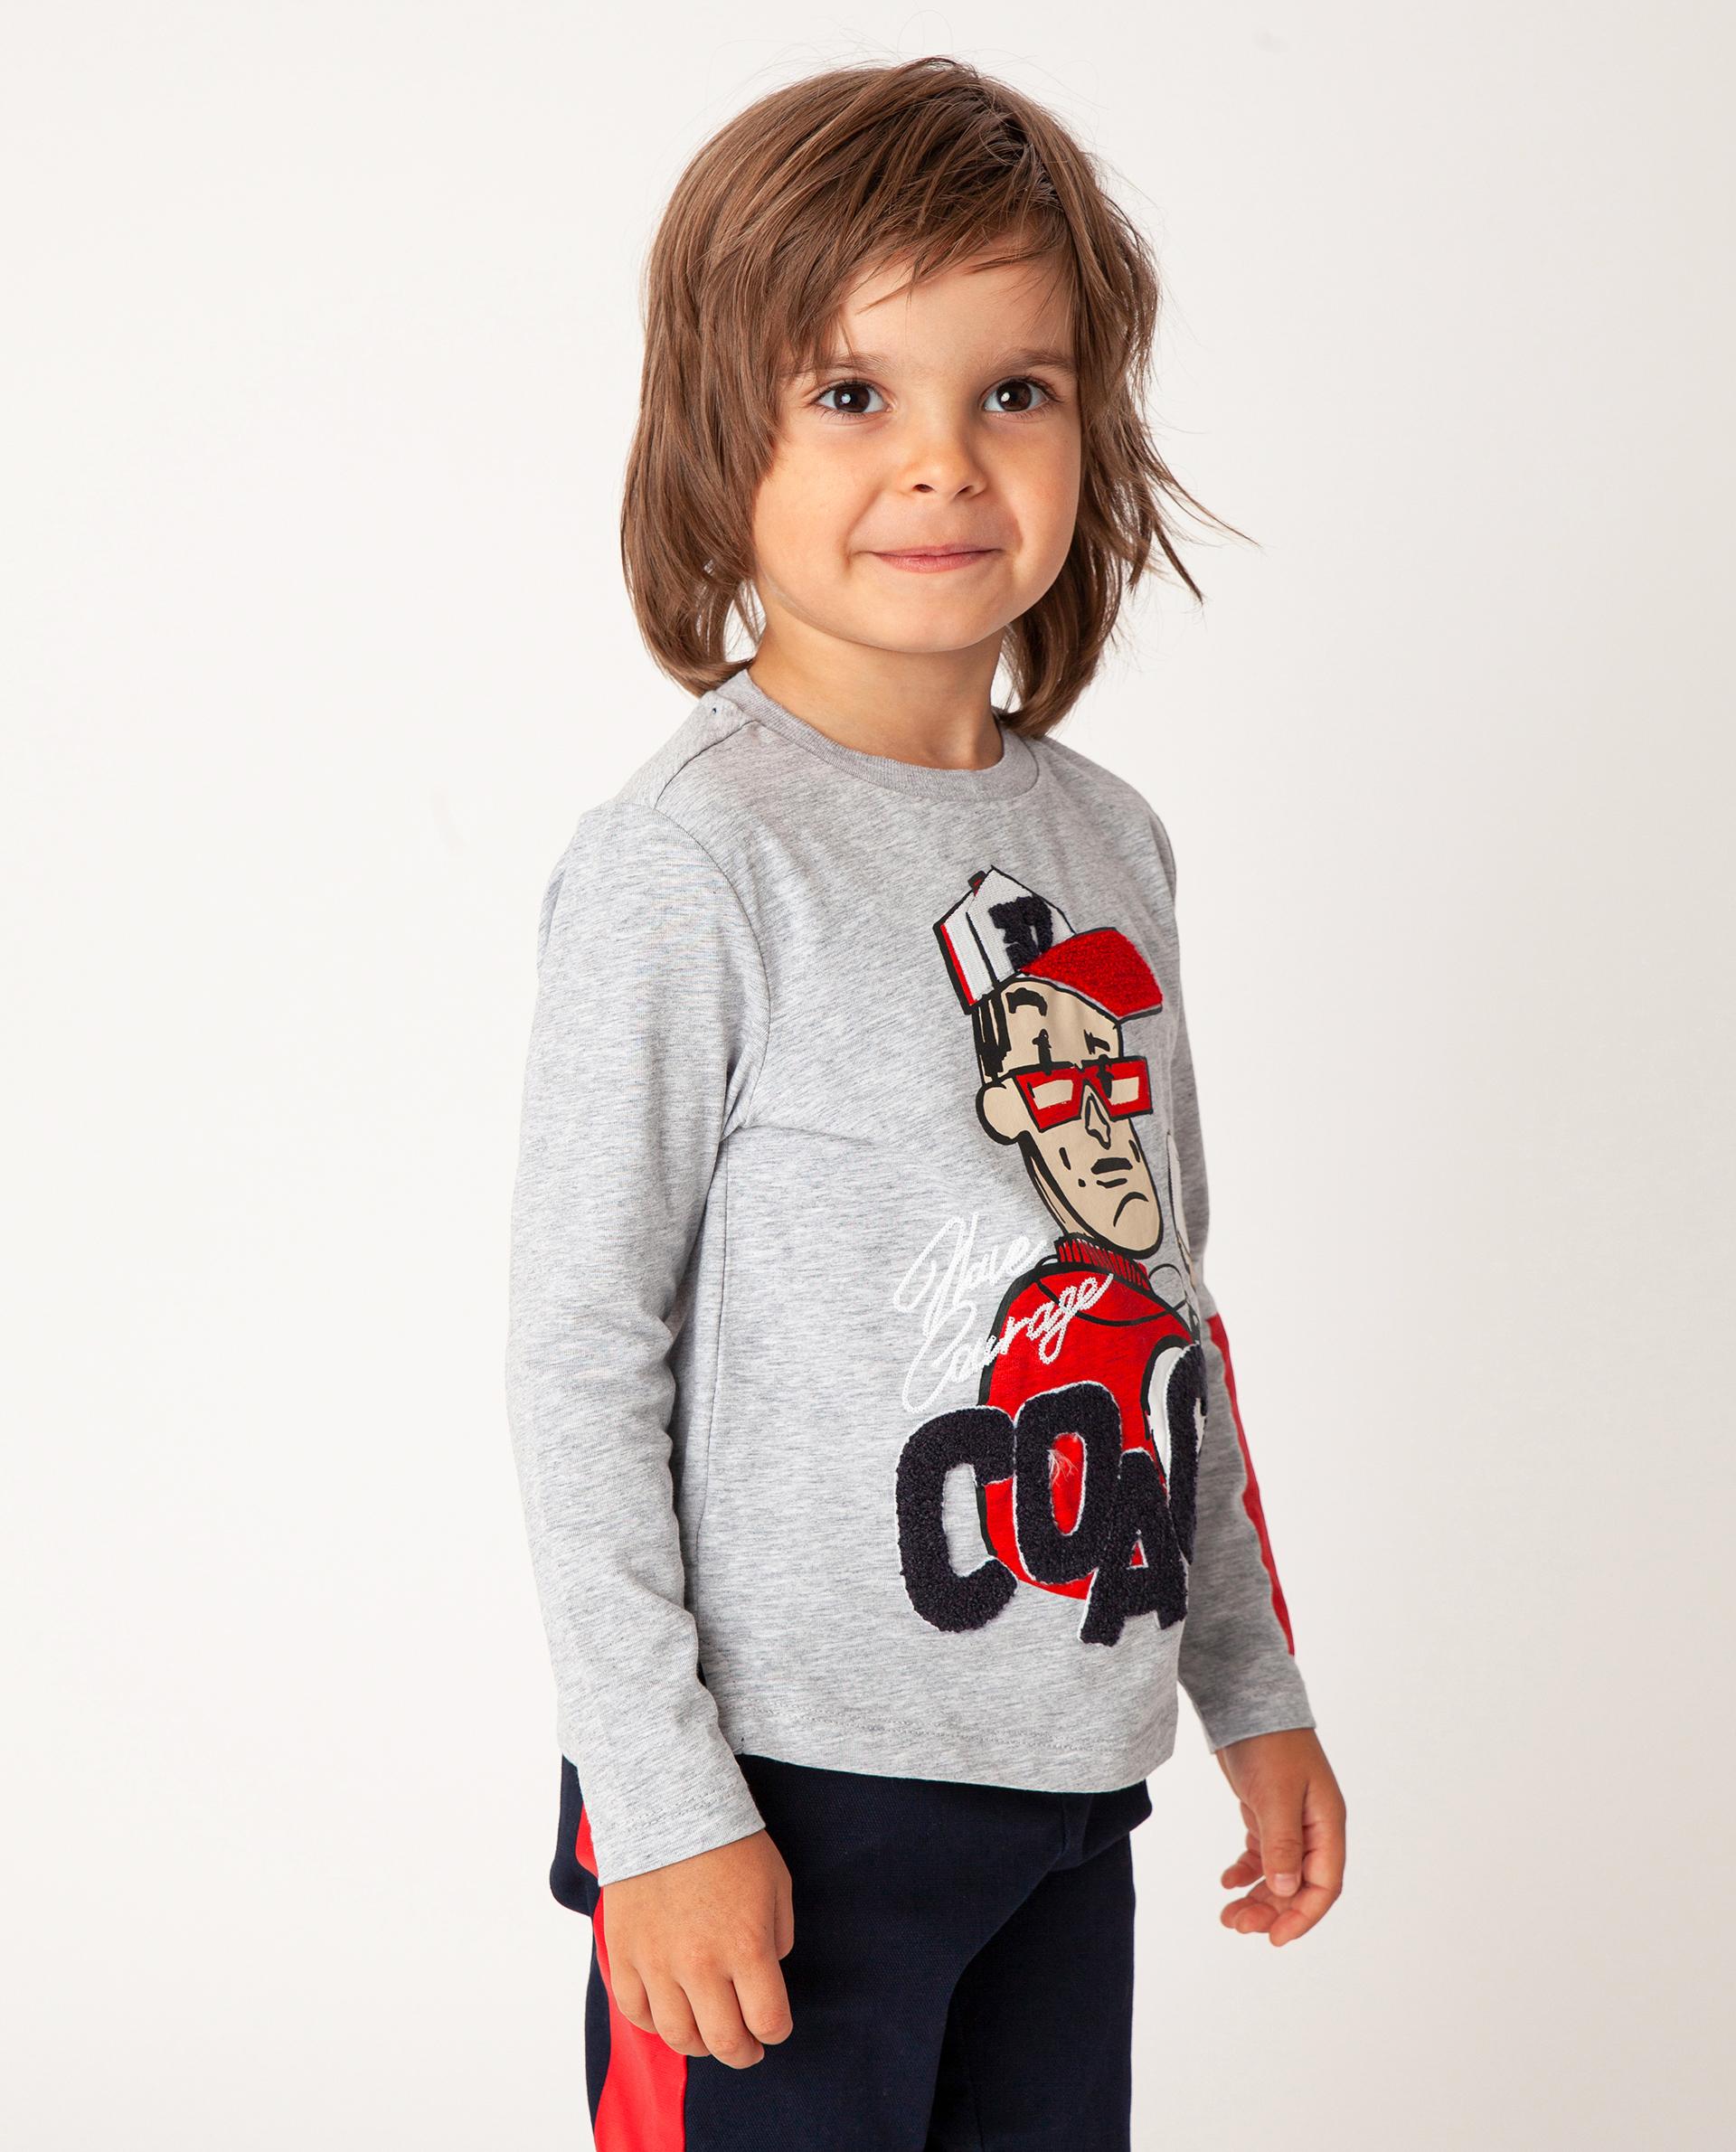 Купить 22005BMC1206, Серая футболка с длинным рукавом Gulliver, серый, 110, Футер, Мужской, Зима, ОСЕНЬ/ЗИМА 2020-2021 (shop: GulliverMarket Gulliver Market)